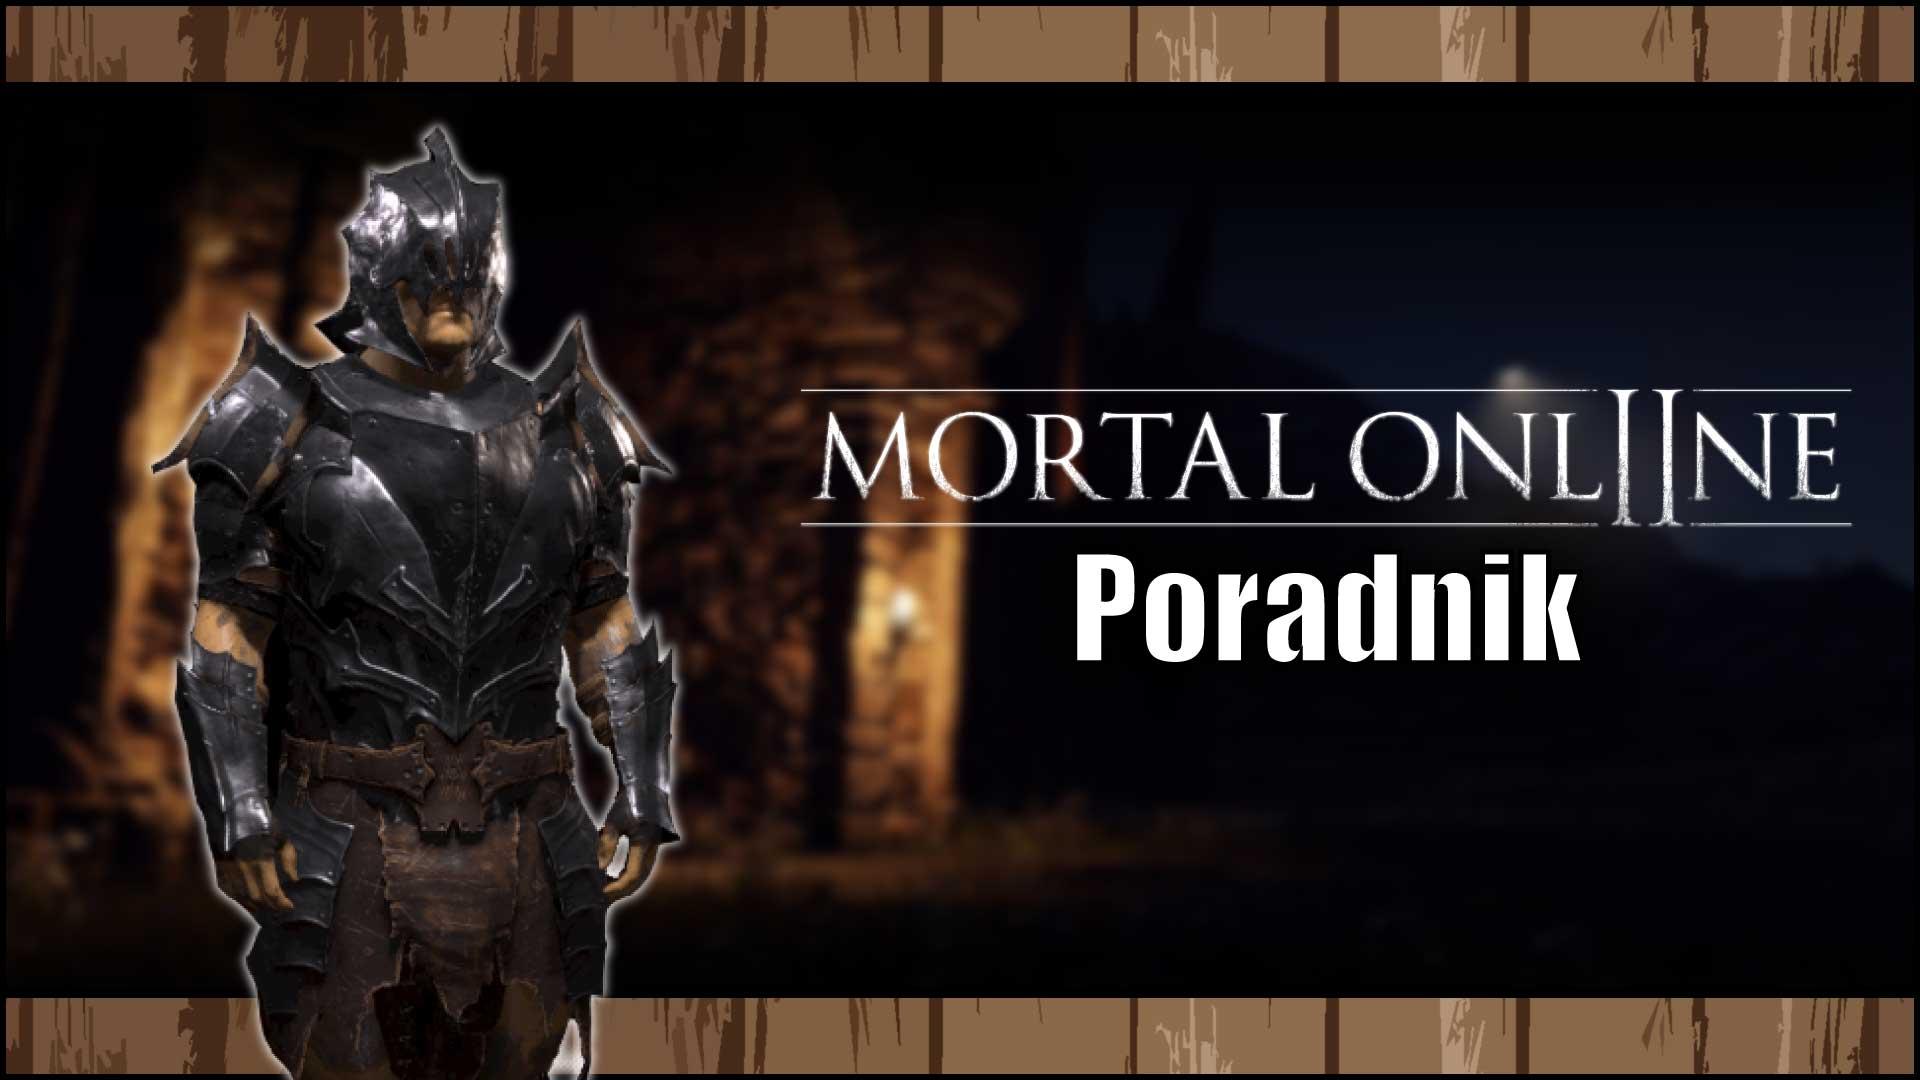 Poradnik Mortal Online 2